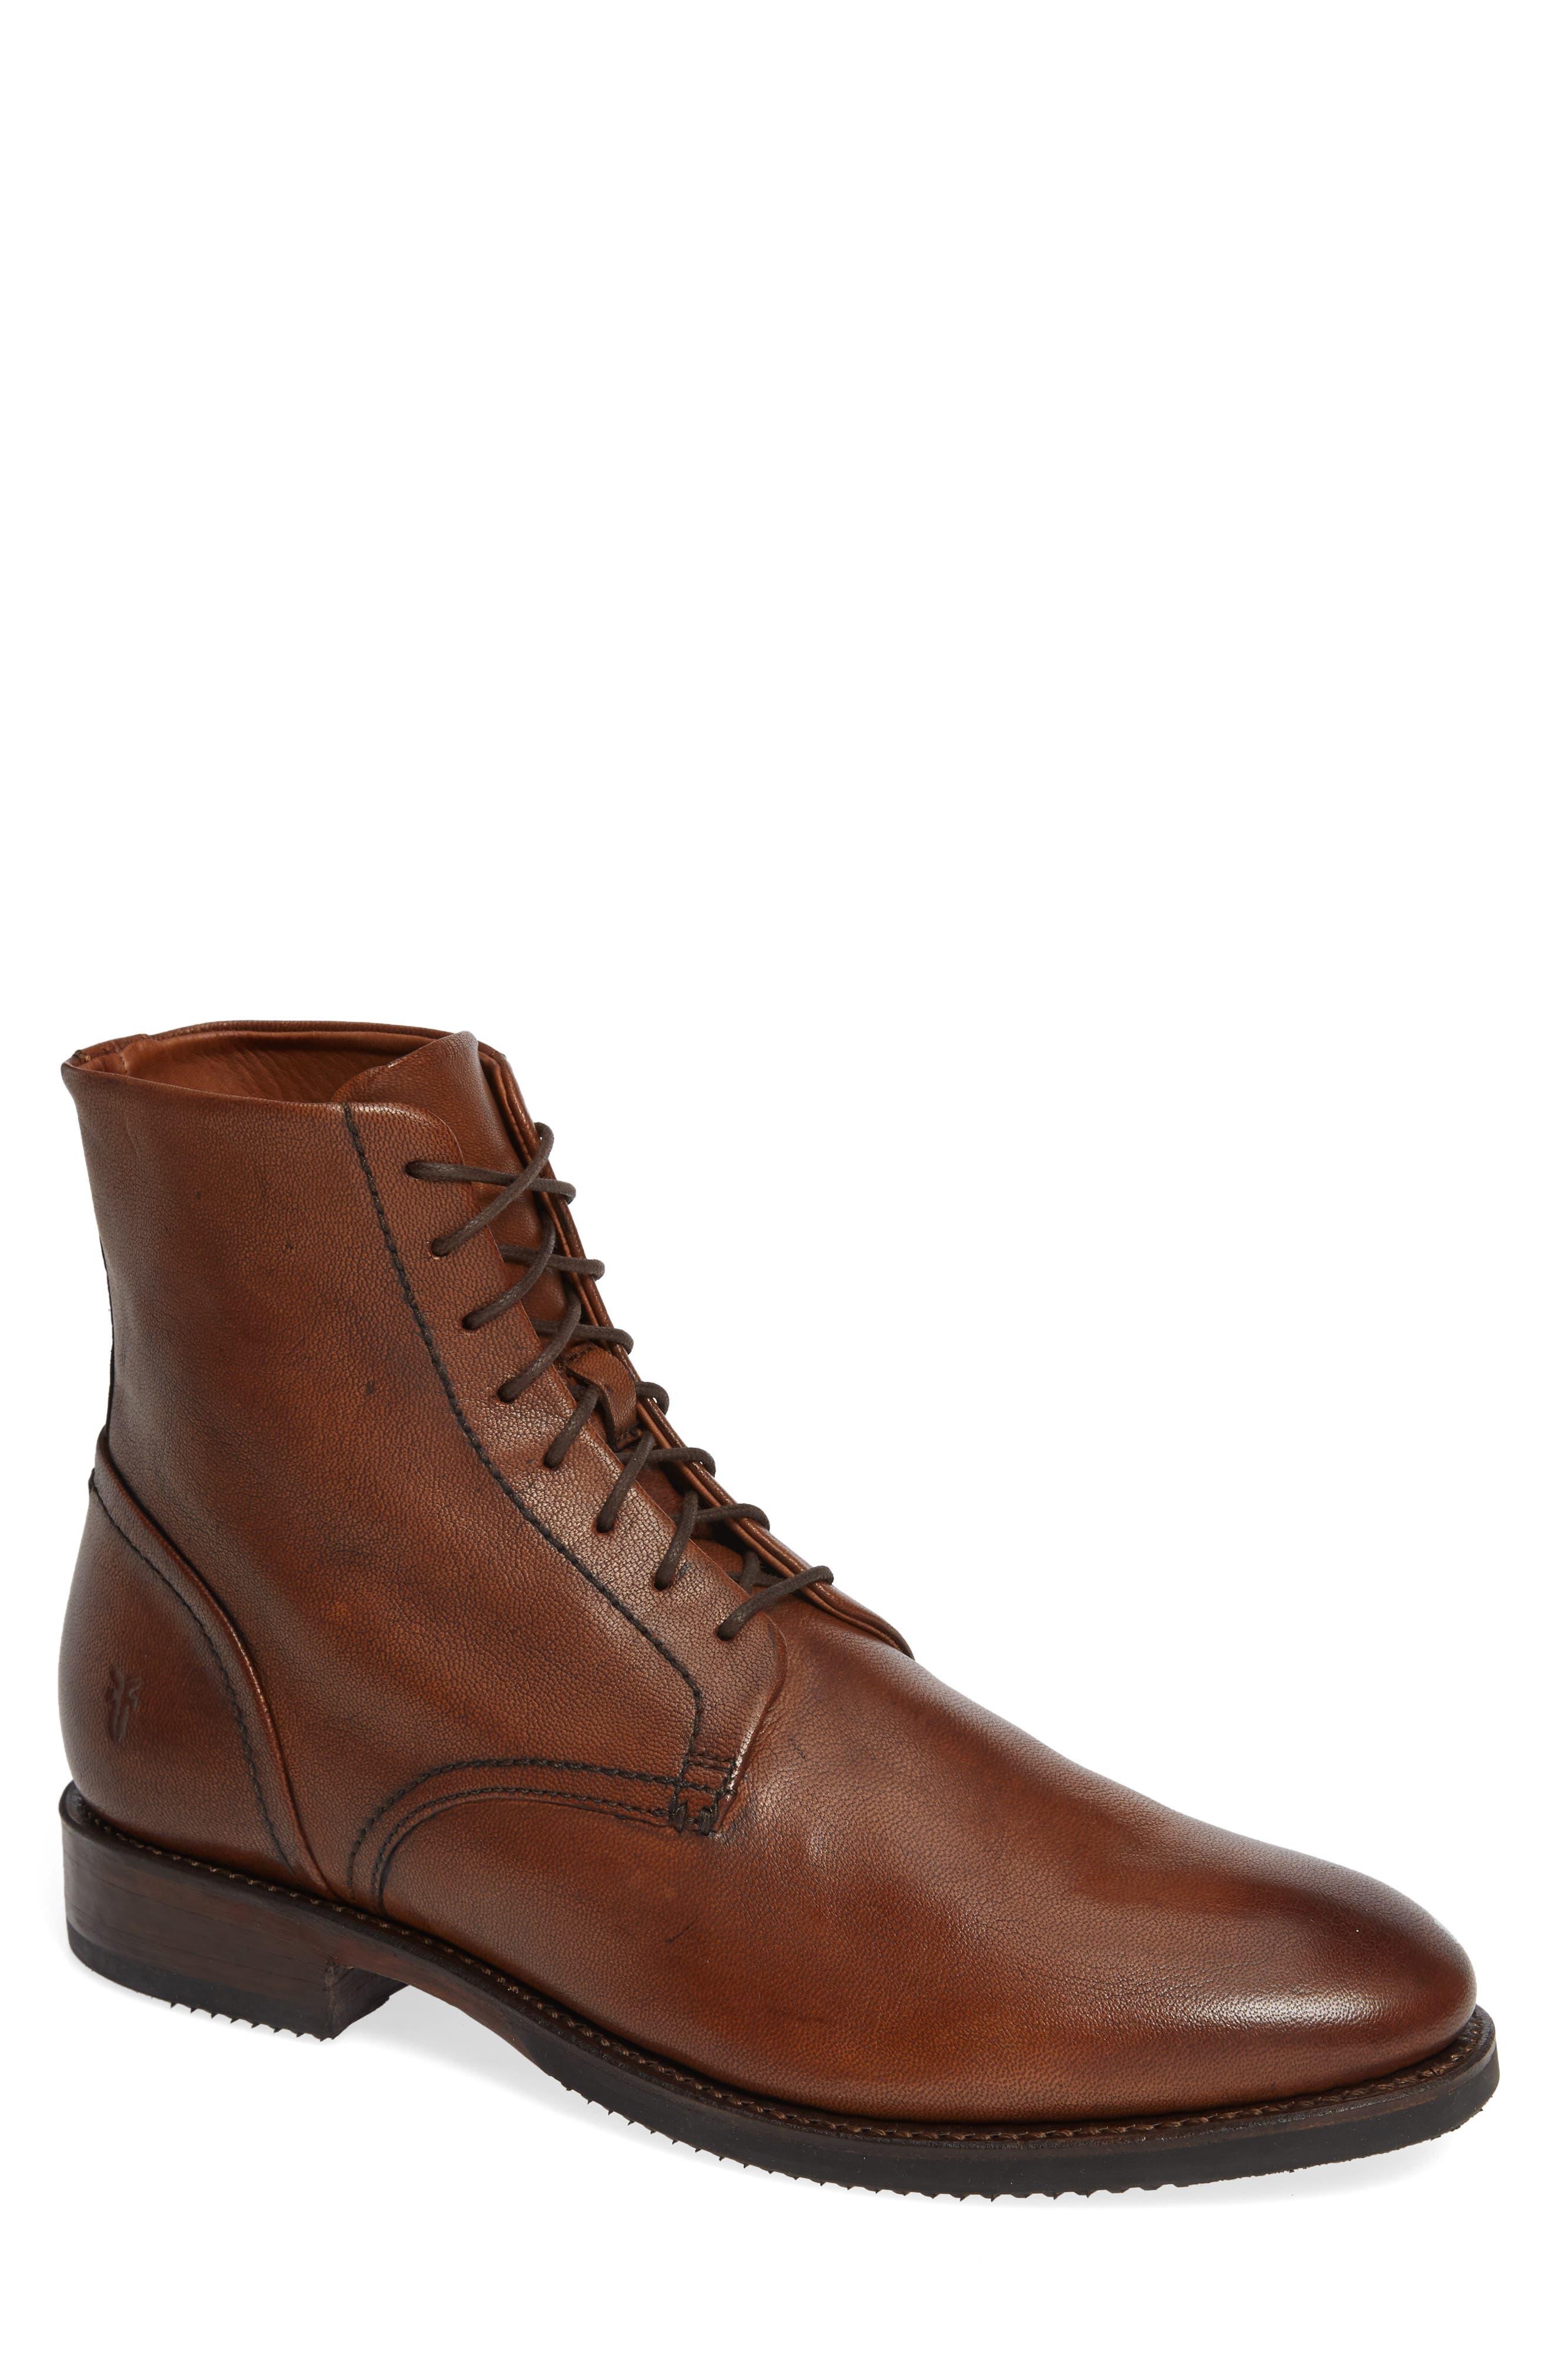 Corey Lace-Up Boot,                         Main,                         color, COGNAC